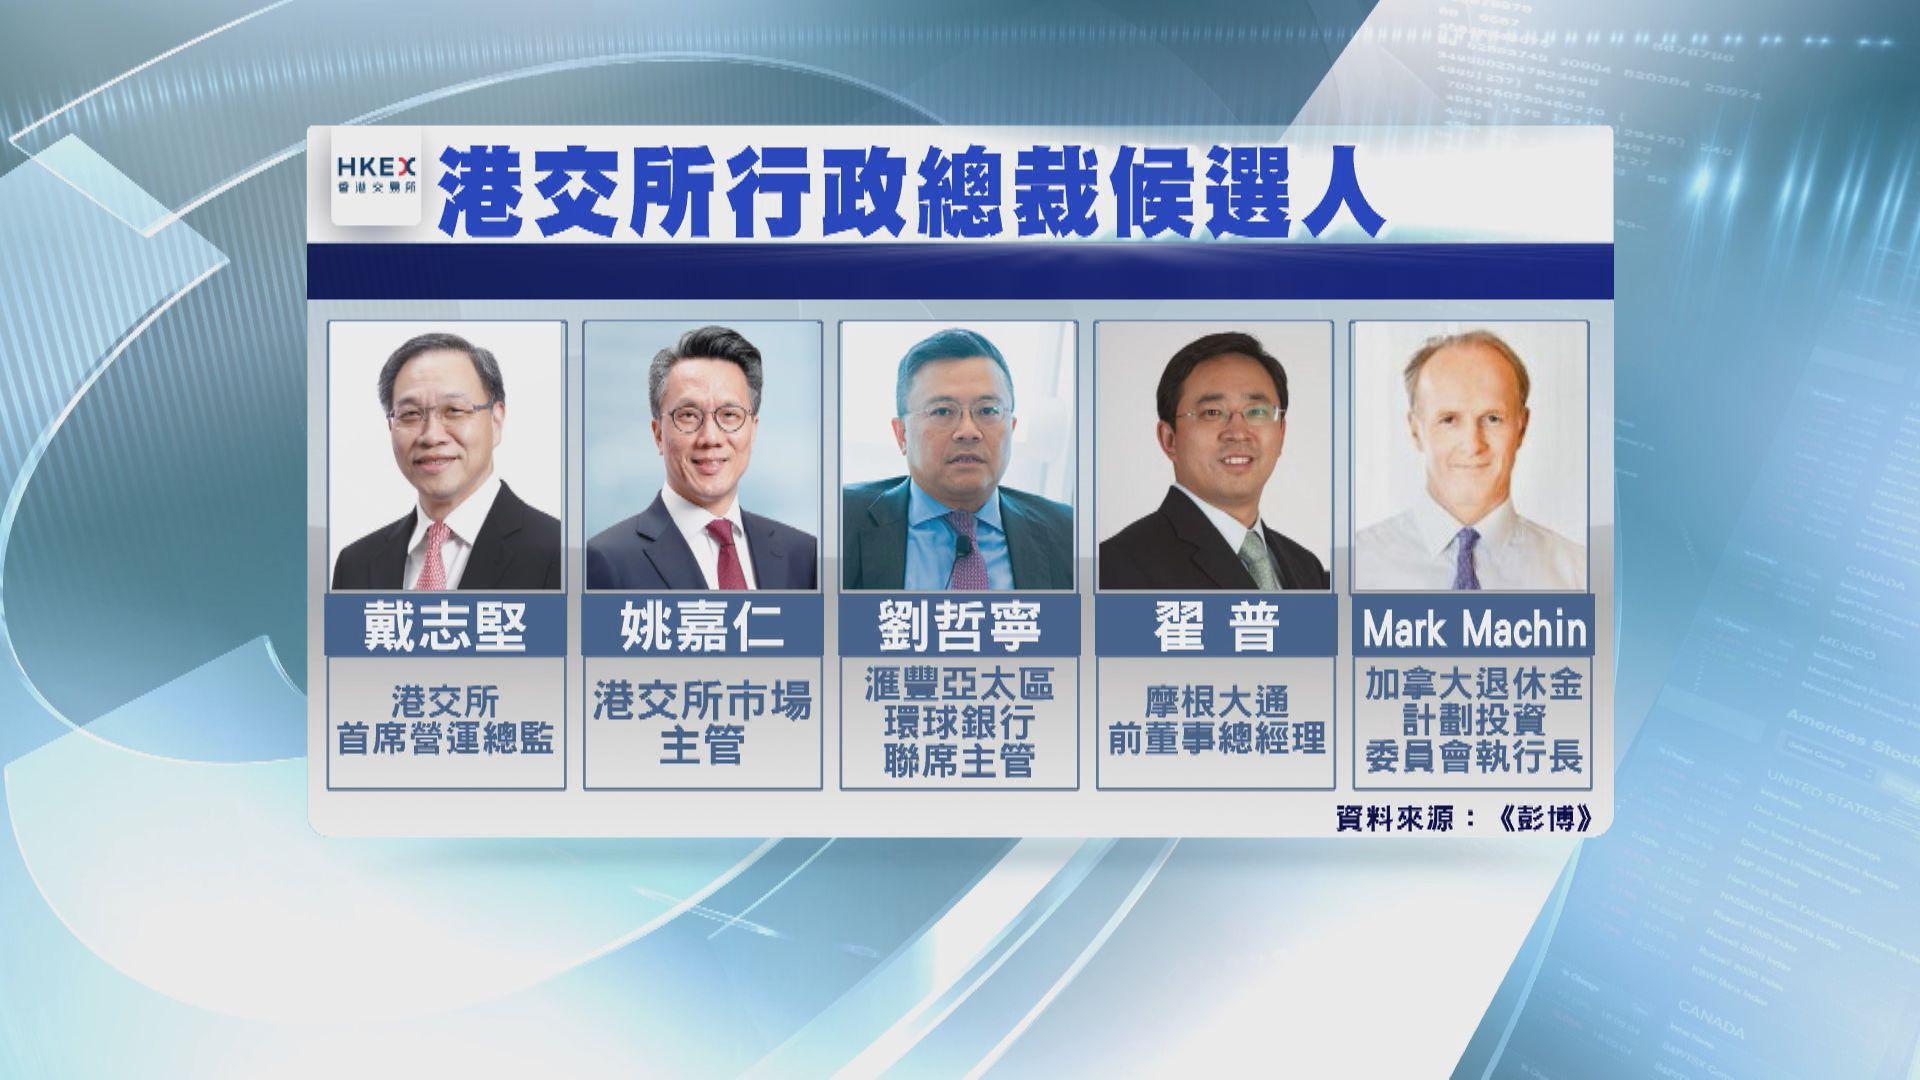 彭博:港交所CEO繼任人仍未有定案